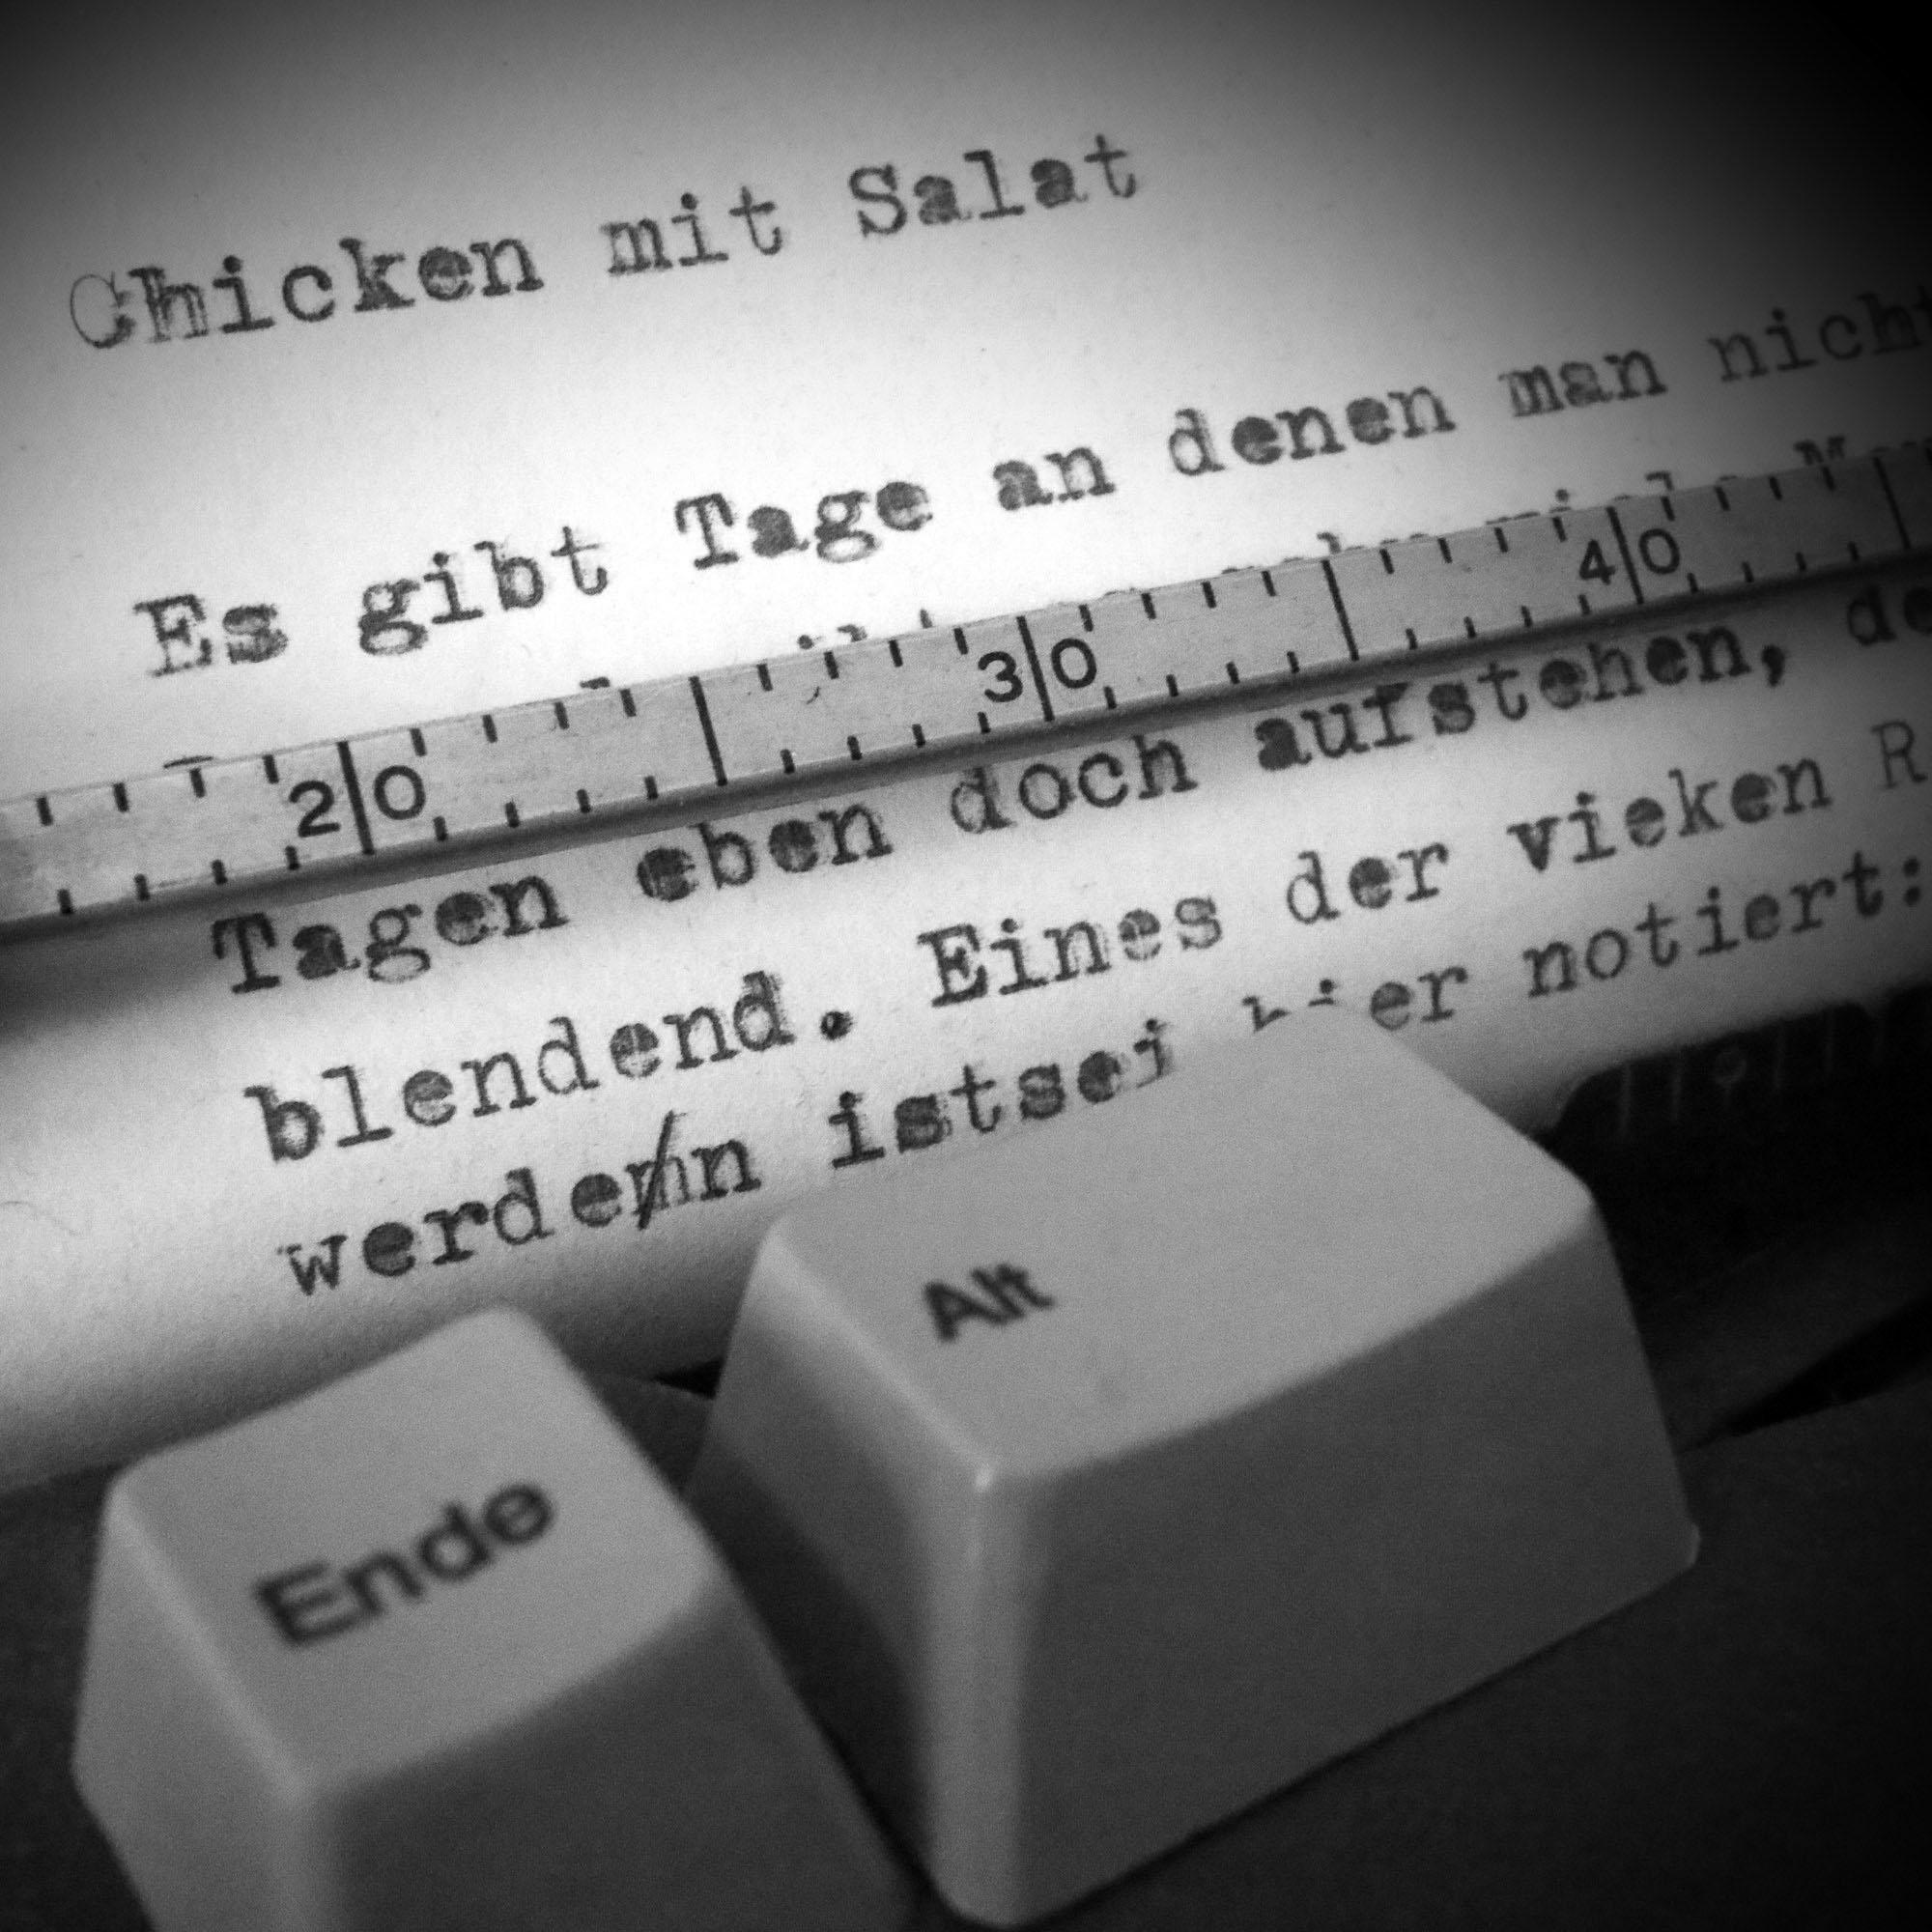 ylz / Chicken mit Salat